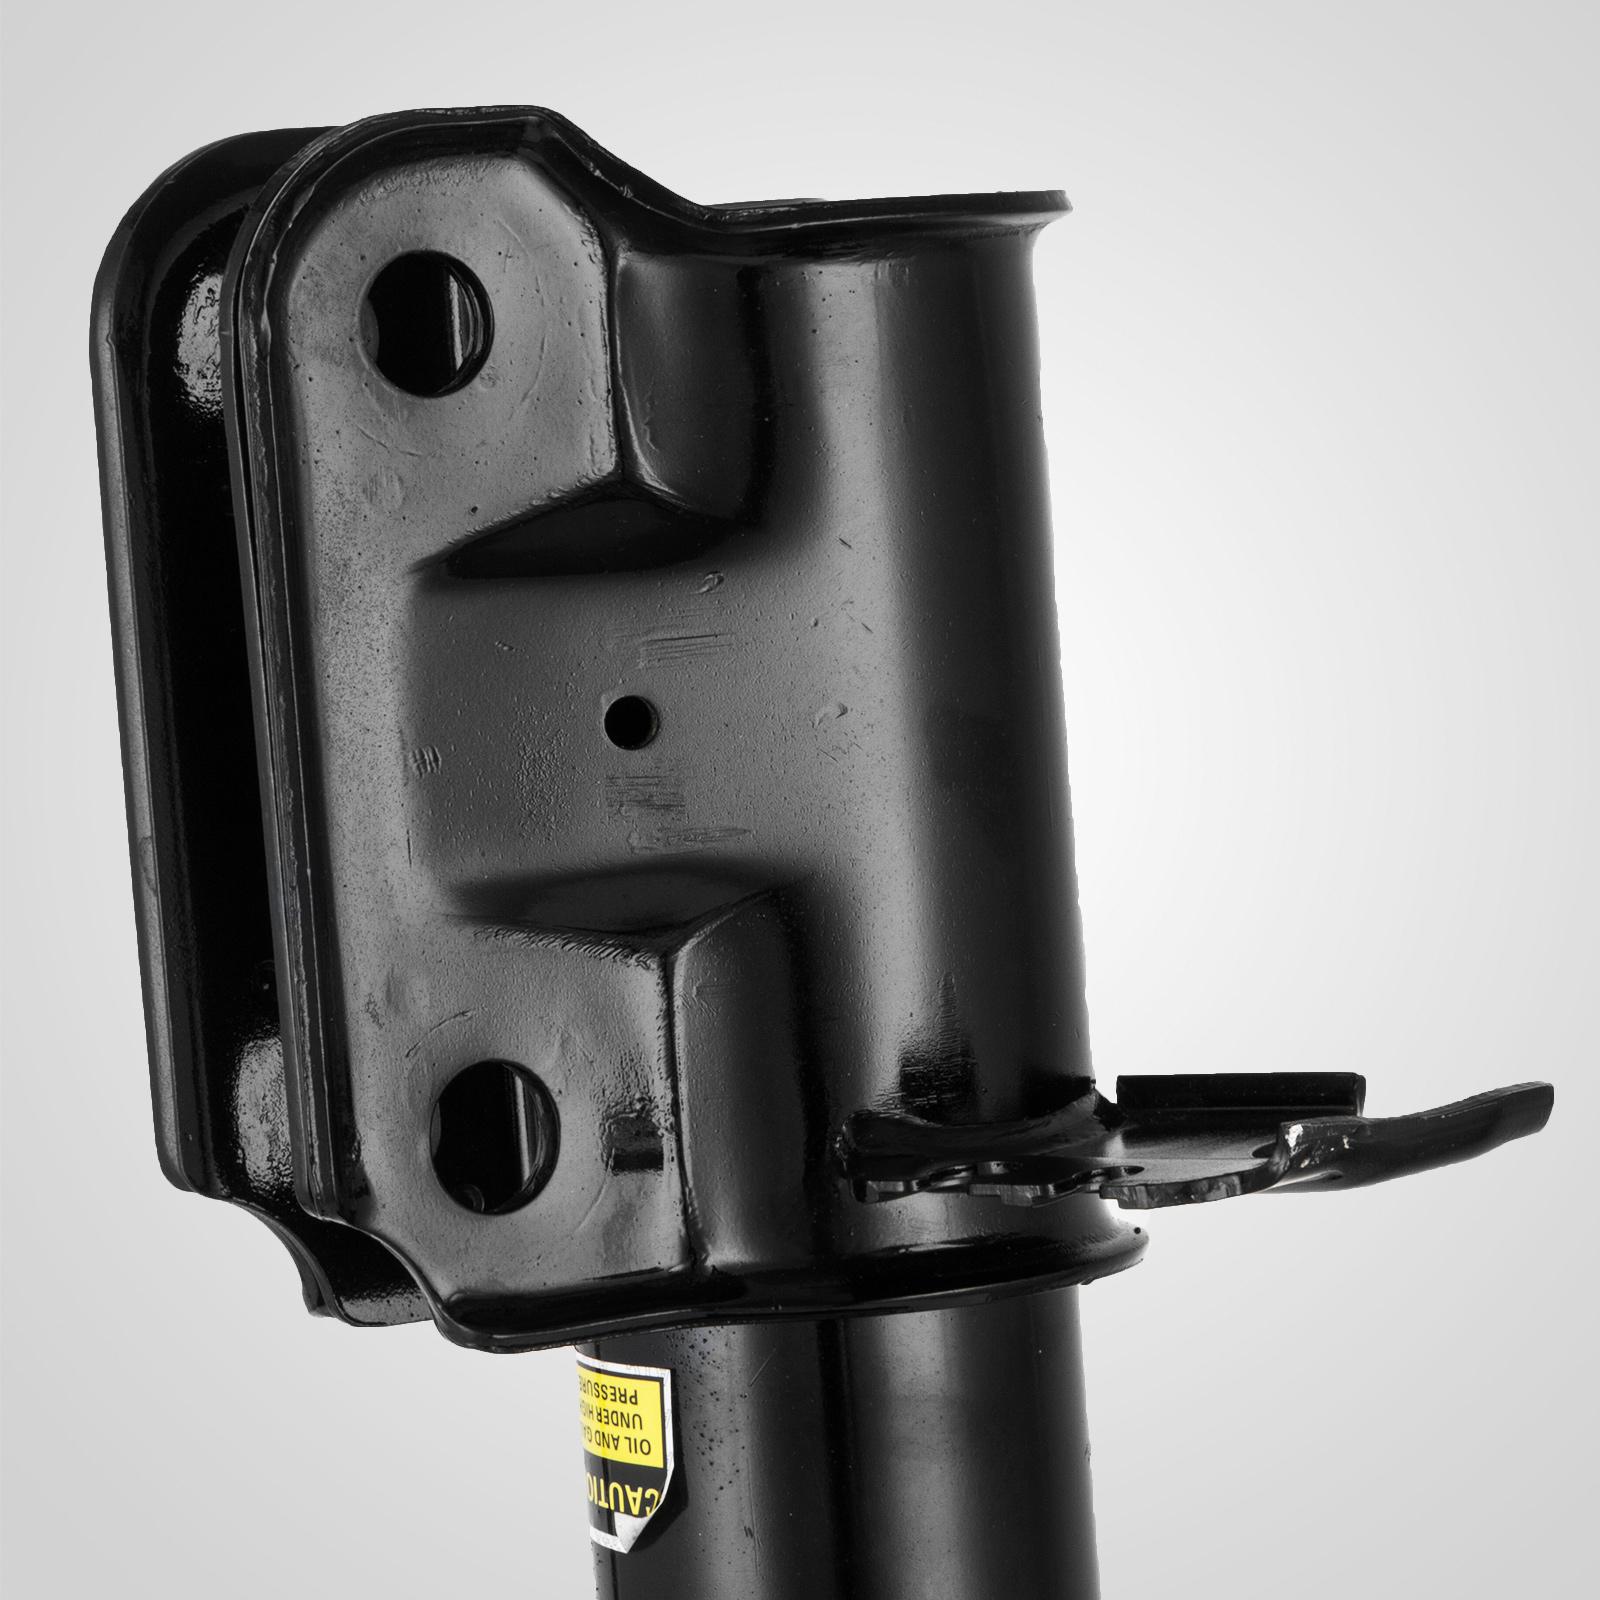 land rv spring range landrover e clips clip air pins suspension rover springs rear